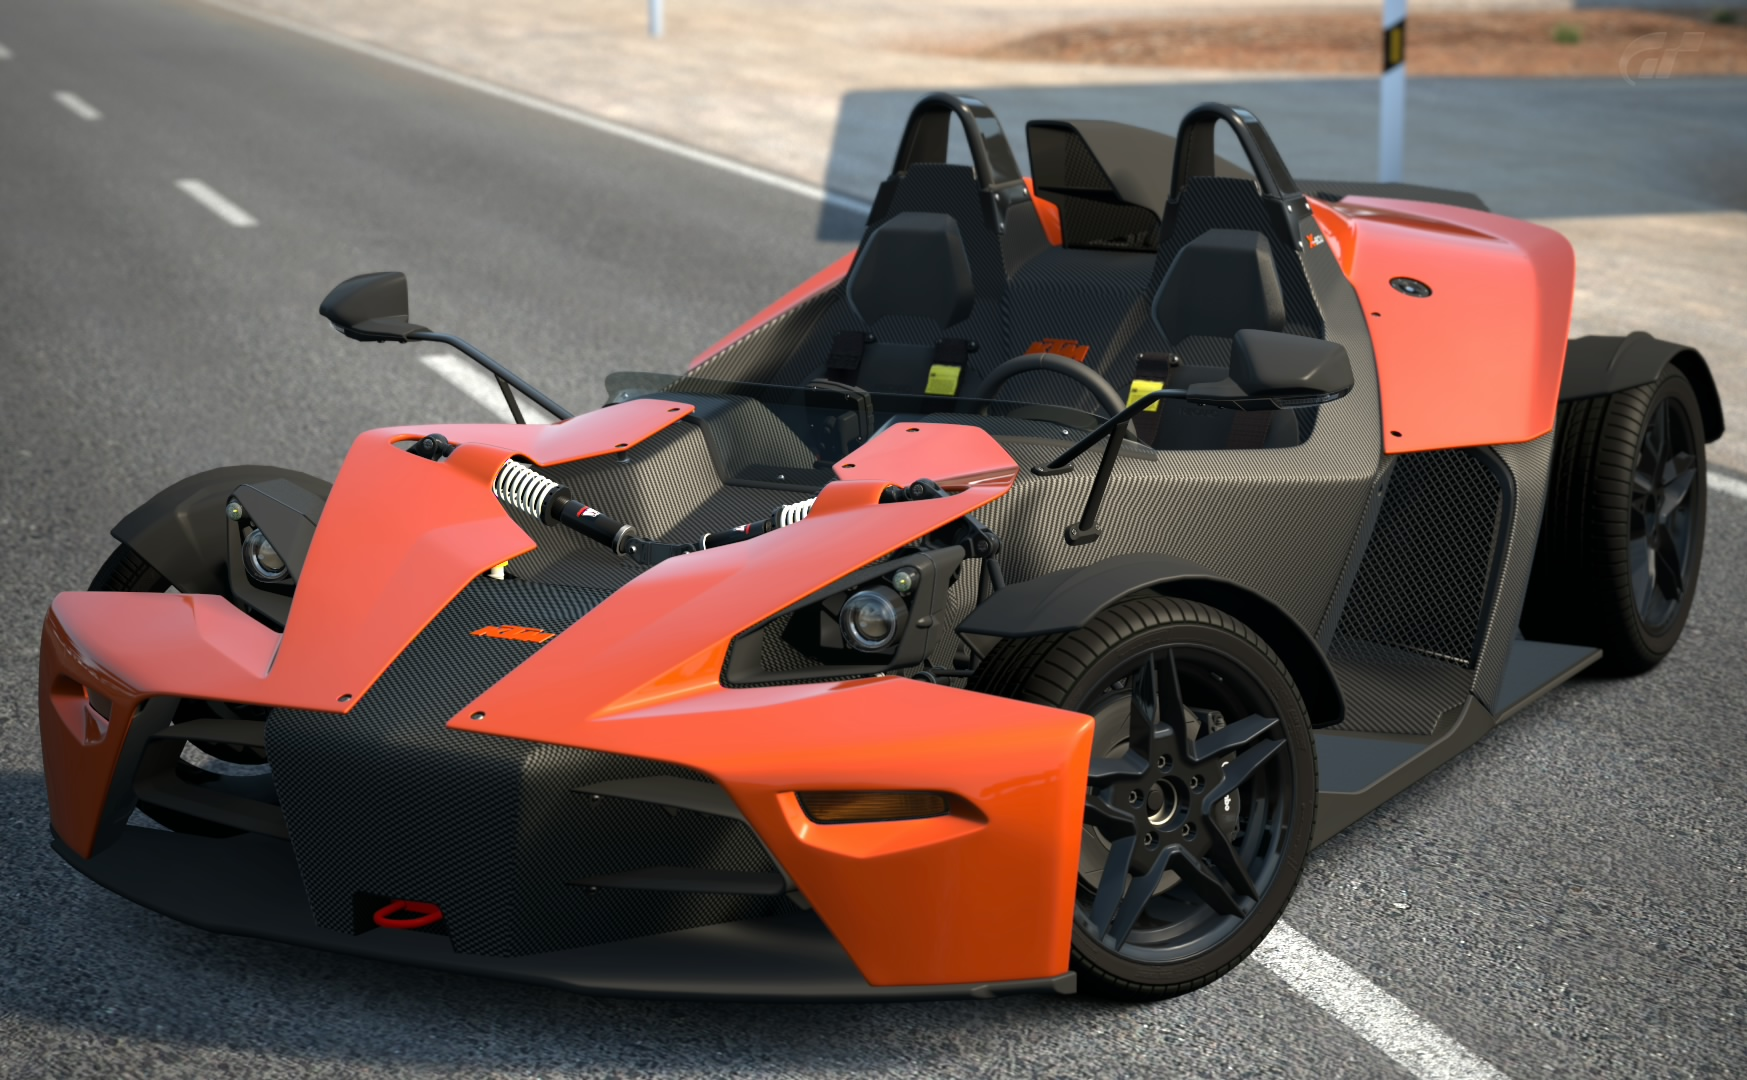 Ktm X Bow >> Ktm X Bow Street 12 Gran Turismo Wiki Fandom Powered By